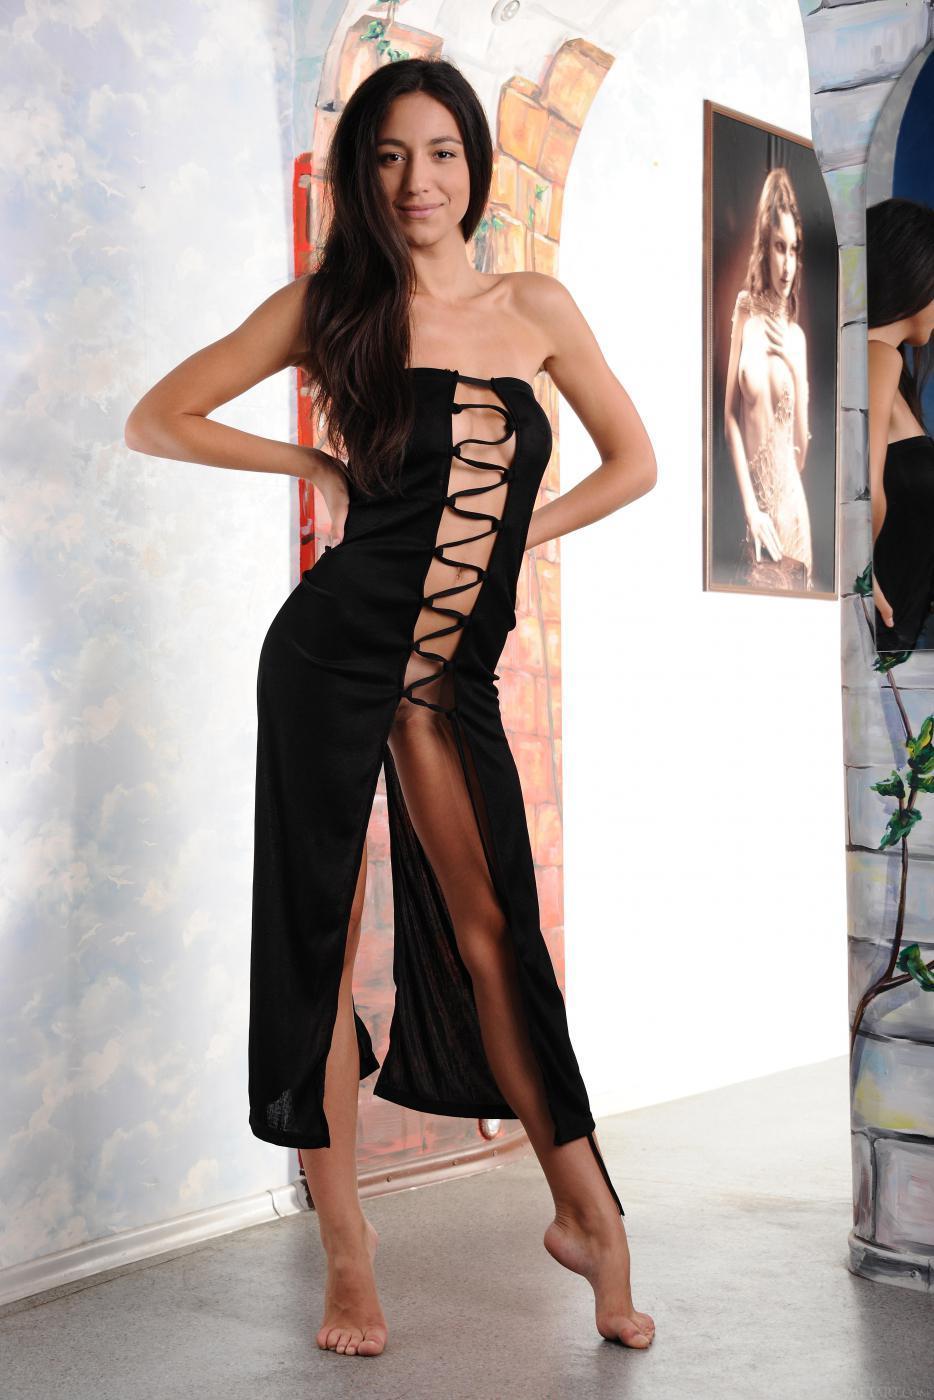 Сексапильная мулатка в платье страстно позирует